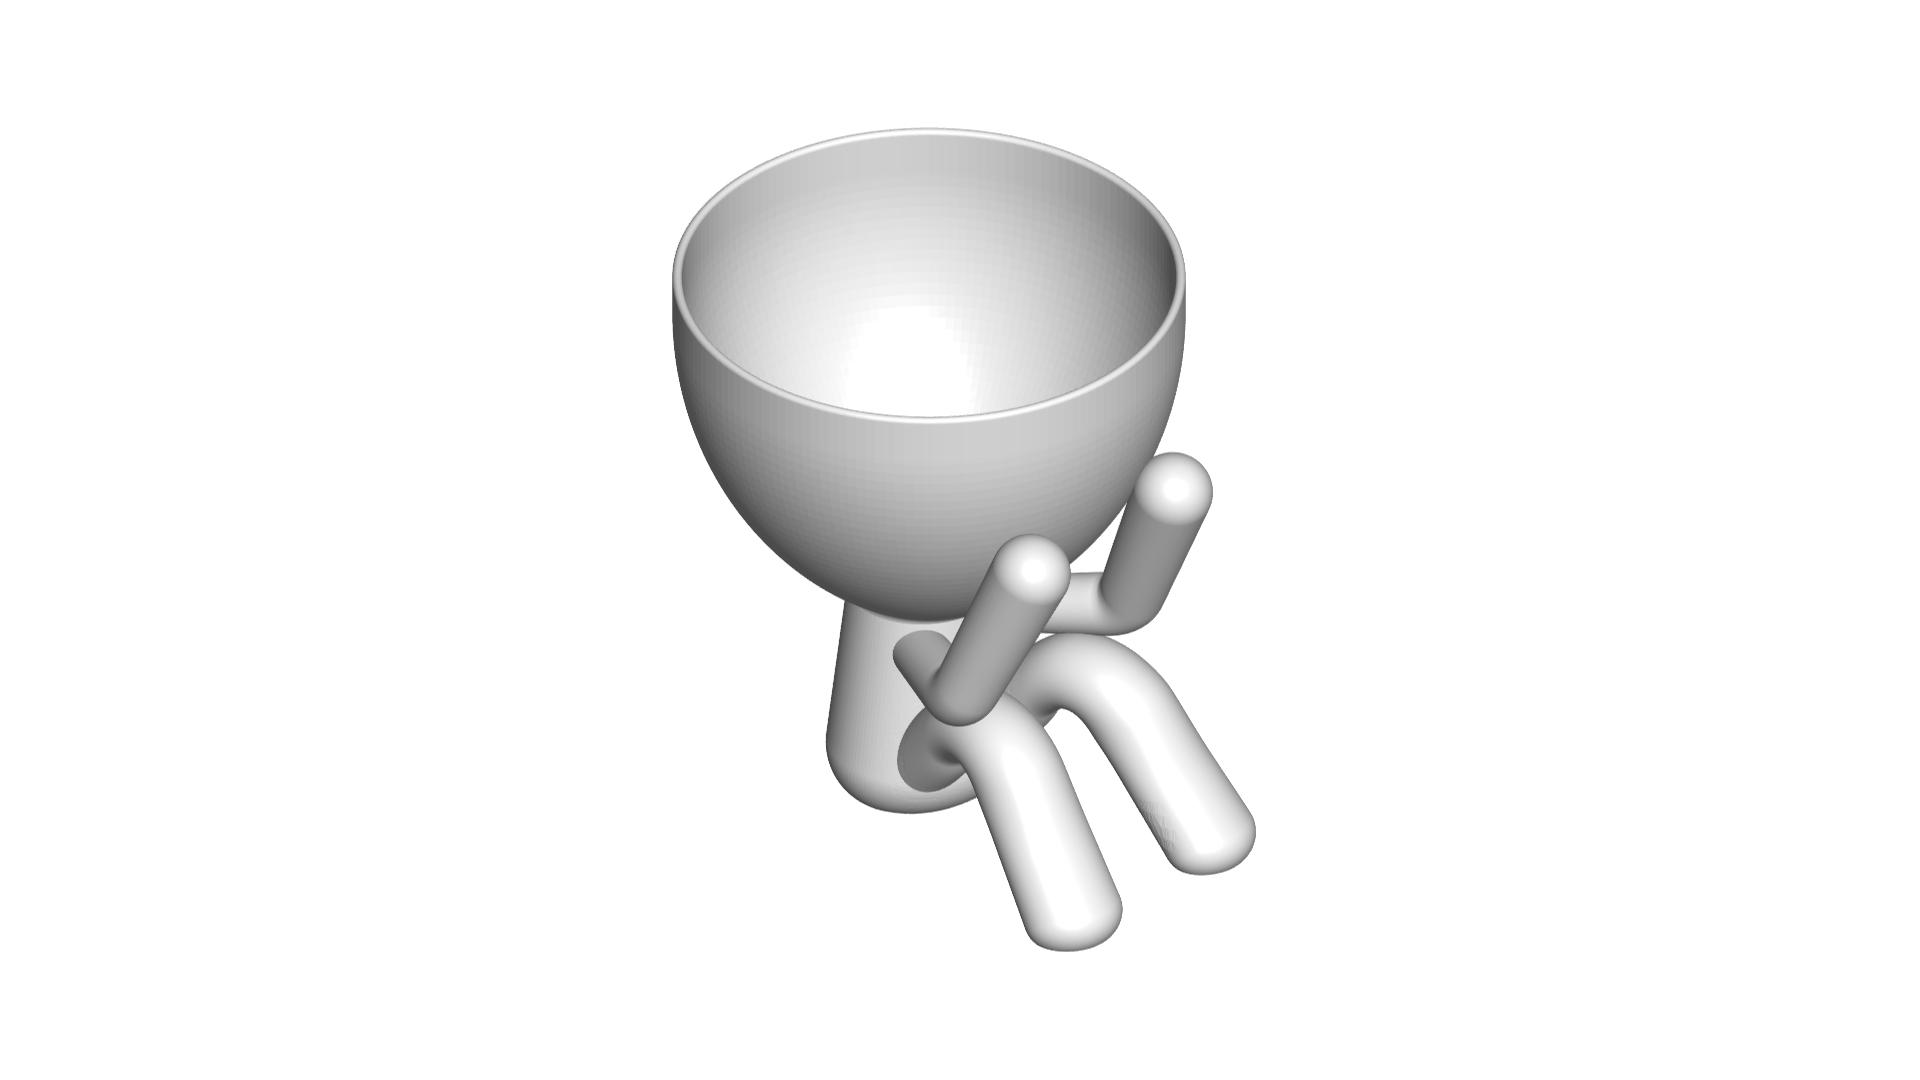 1_blanco_2.png Télécharger fichier STL gratuit Les 3 pots verres Robert Sabios Ne lit pas, n'écoute pas, ne voit pas - Les 3 pots verres Robert Sabios Ne lit pas, n'écoute pas, ne voit pas • Objet à imprimer en 3D, CREATIONSISHI